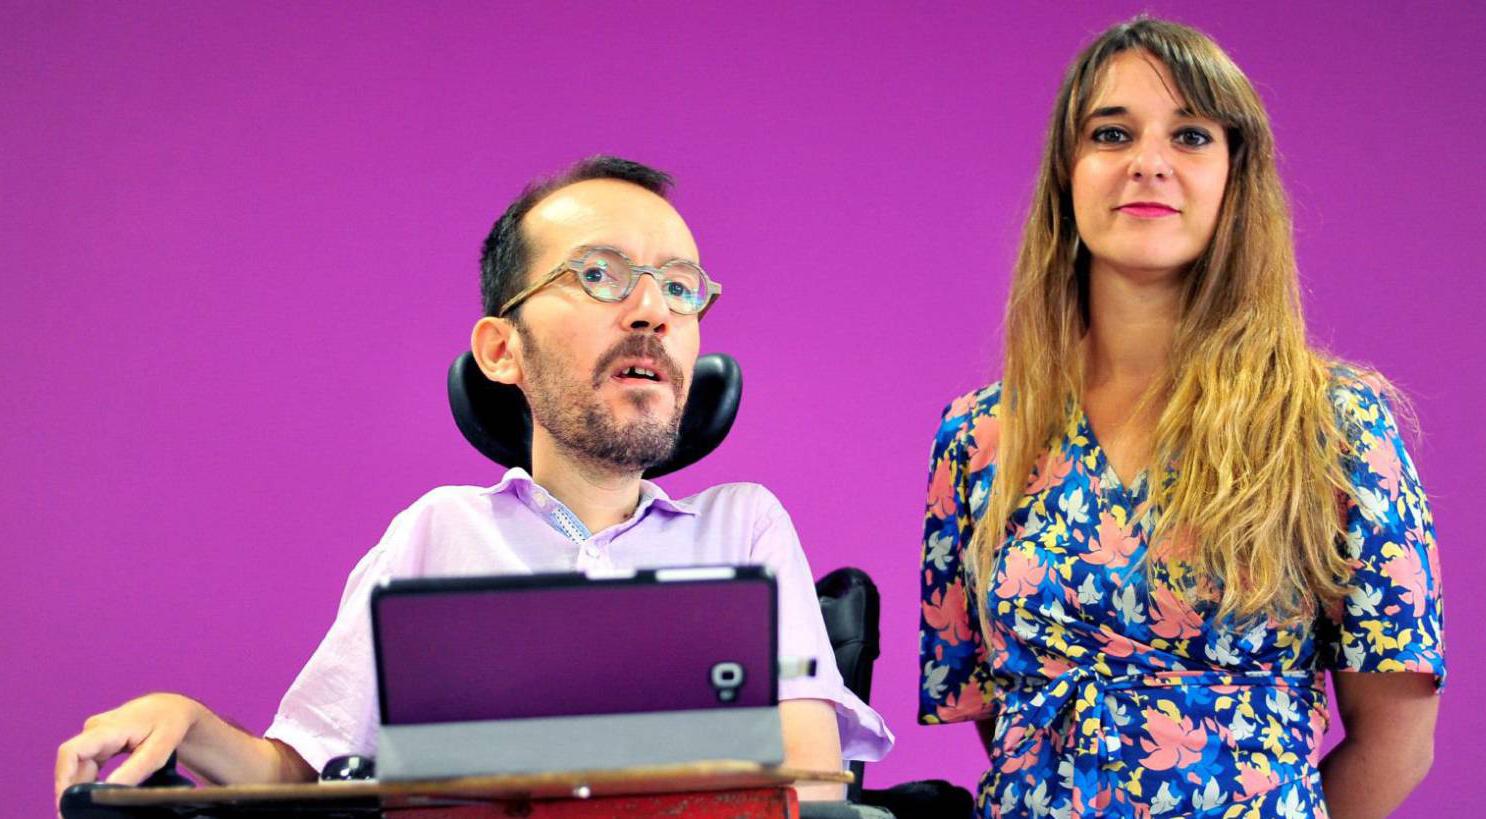 Podemos требует от правительства Санчеса увеличения минимальной зарплаты до €1000 в 2019 году